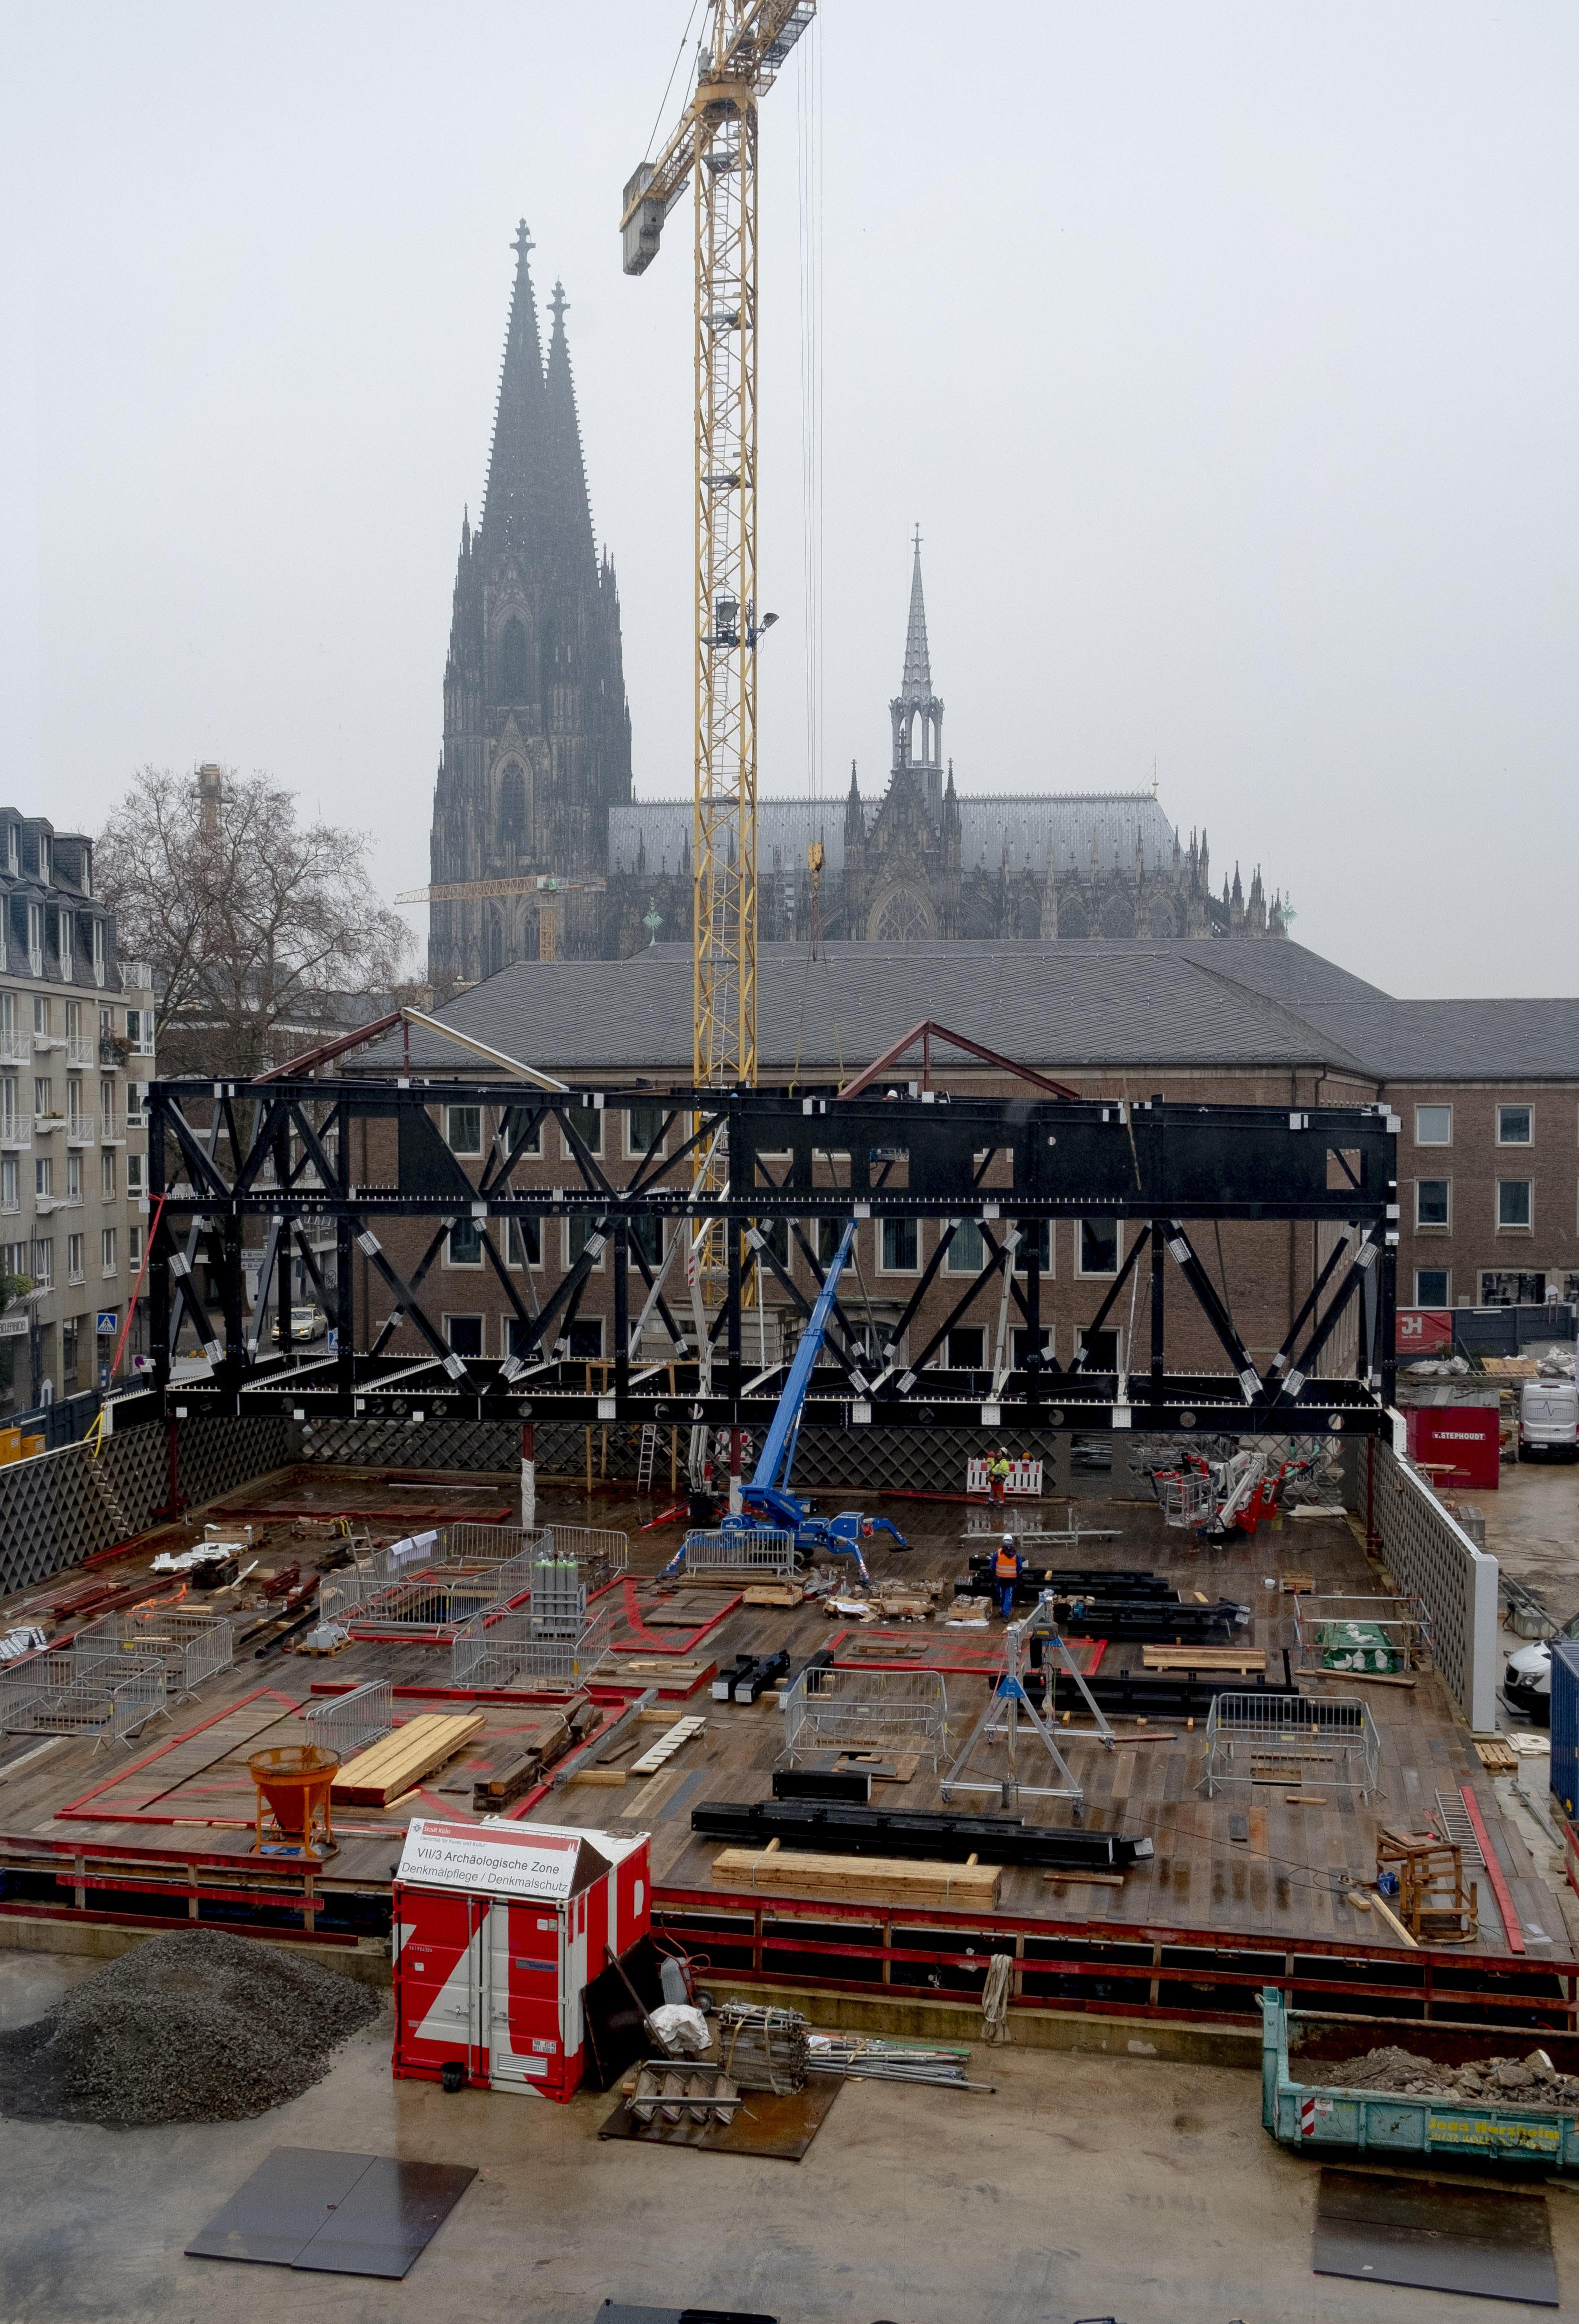 Die MiQua-Baustelle von Süden aus fotografiert. Im Hintergrund ist durch Nebel und vor einem bewölkten Himmel der Kölner Dom zu sehen. Im Zentrum des Bildes liegt die MiQua-Baustelle. Ein hoher gelber Baukran ragt darüber. Die Sicht auf den sogenannten Spanischen Bau wird nun teilweise von einem schwarzen Stahlgerüst verdeckt, das später das Obergeschoss und Dach des Museums halten wird.